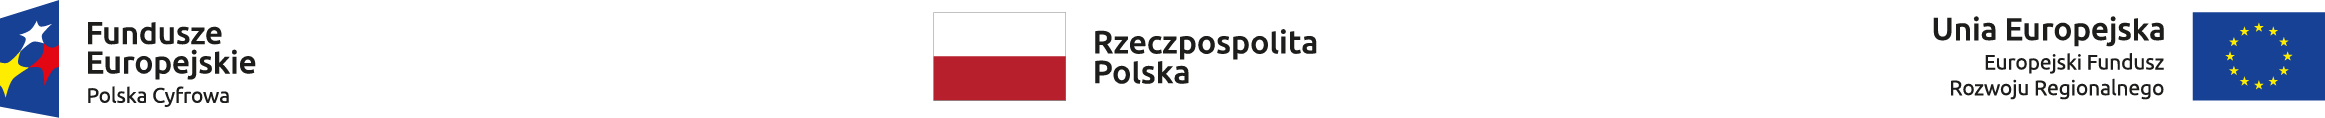 ProfiBaza - celem projektu jest budowa cyfrowego repozytorium oraz udostępnienie zasobów informacji dotyczących profilaktyki chorób i promocji zdrowia.